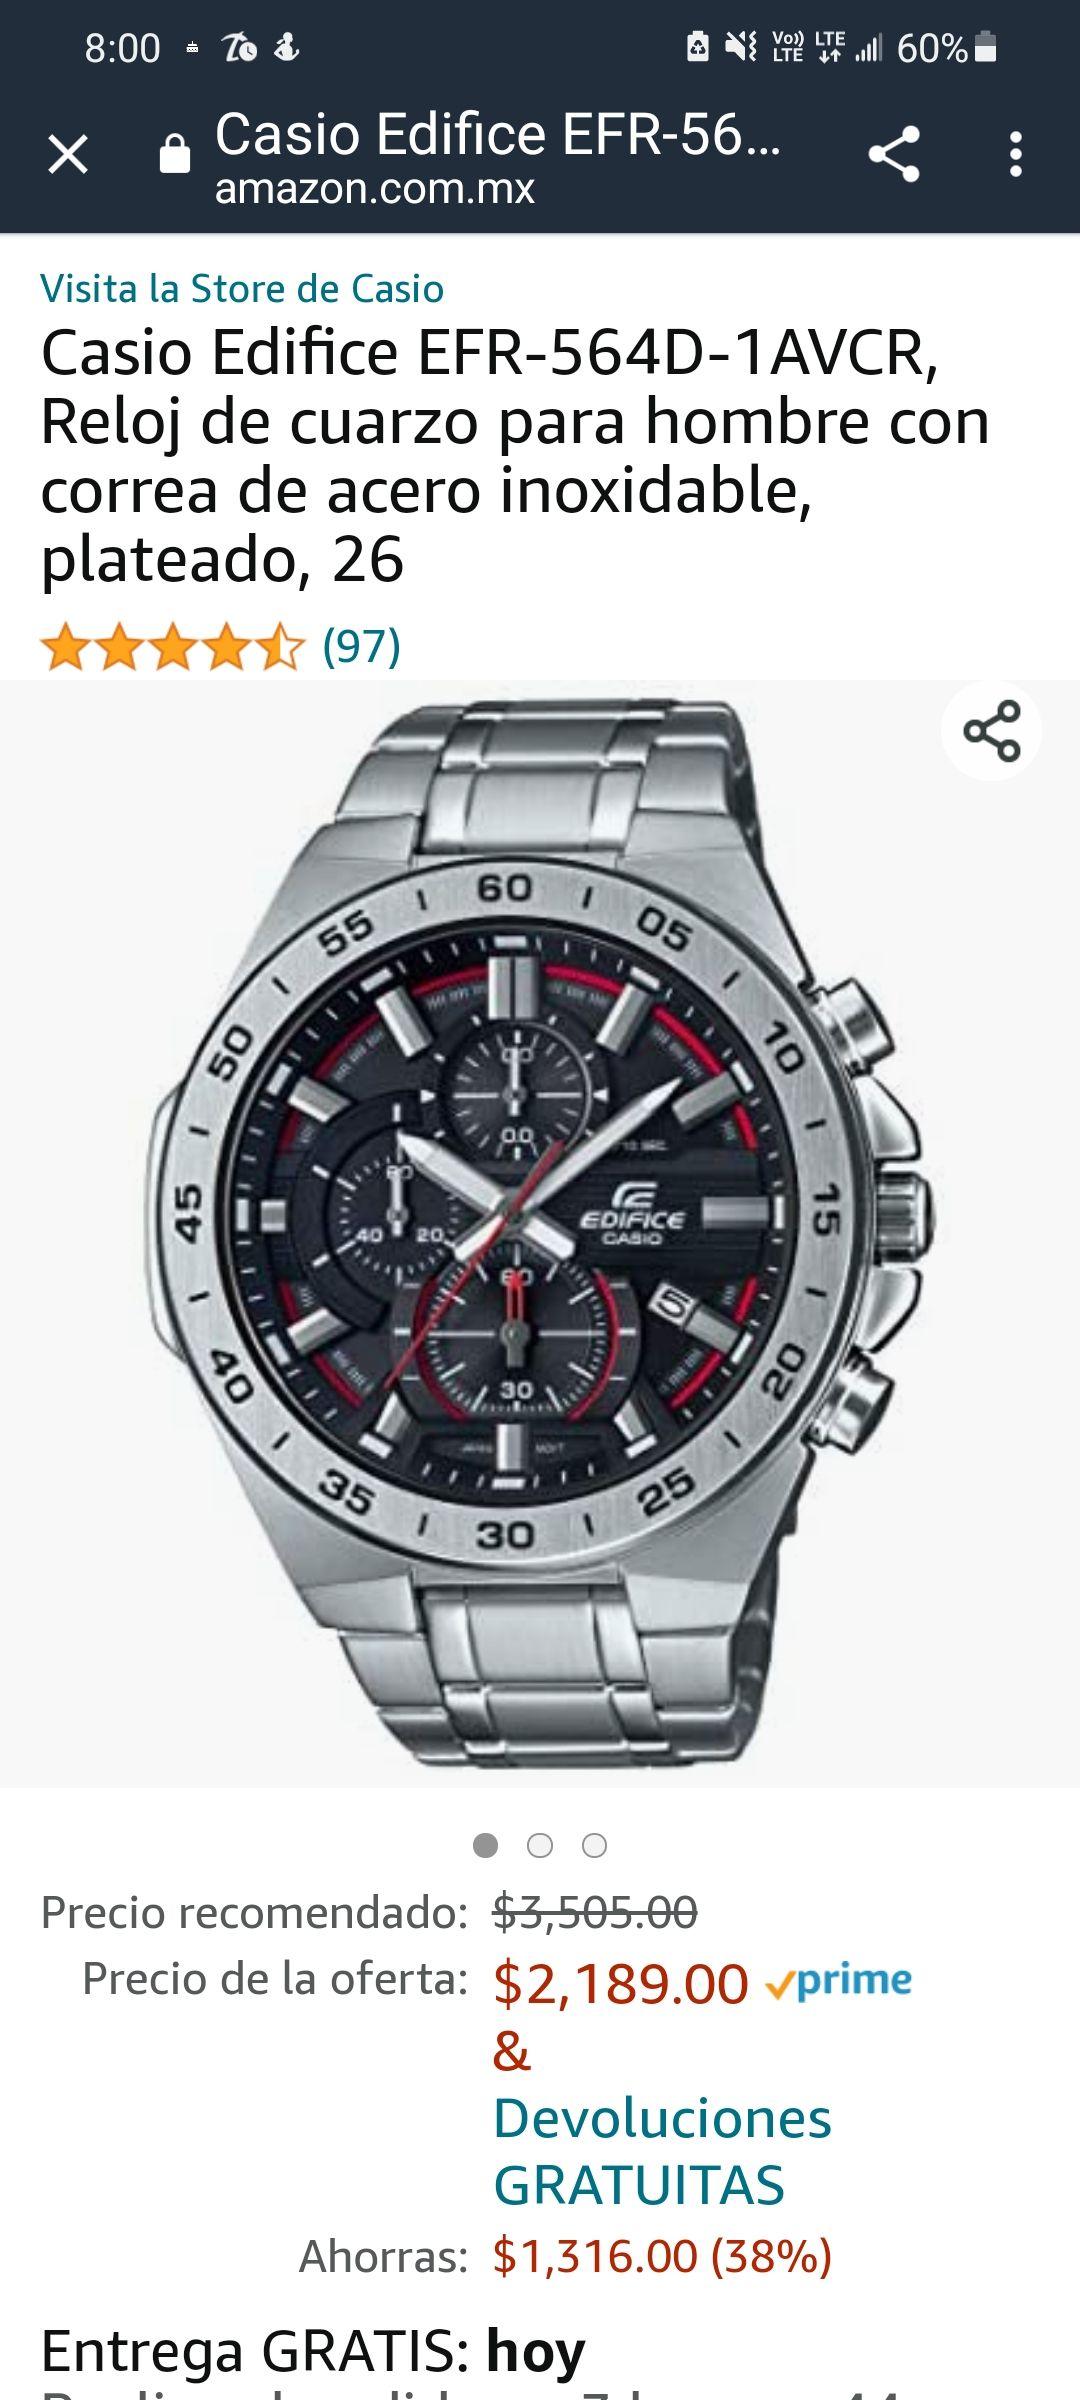 Amazon: Casio Edifice EFR-564D-1AVCR, Reloj de cuarzo para hombre con correa de acero inoxidable